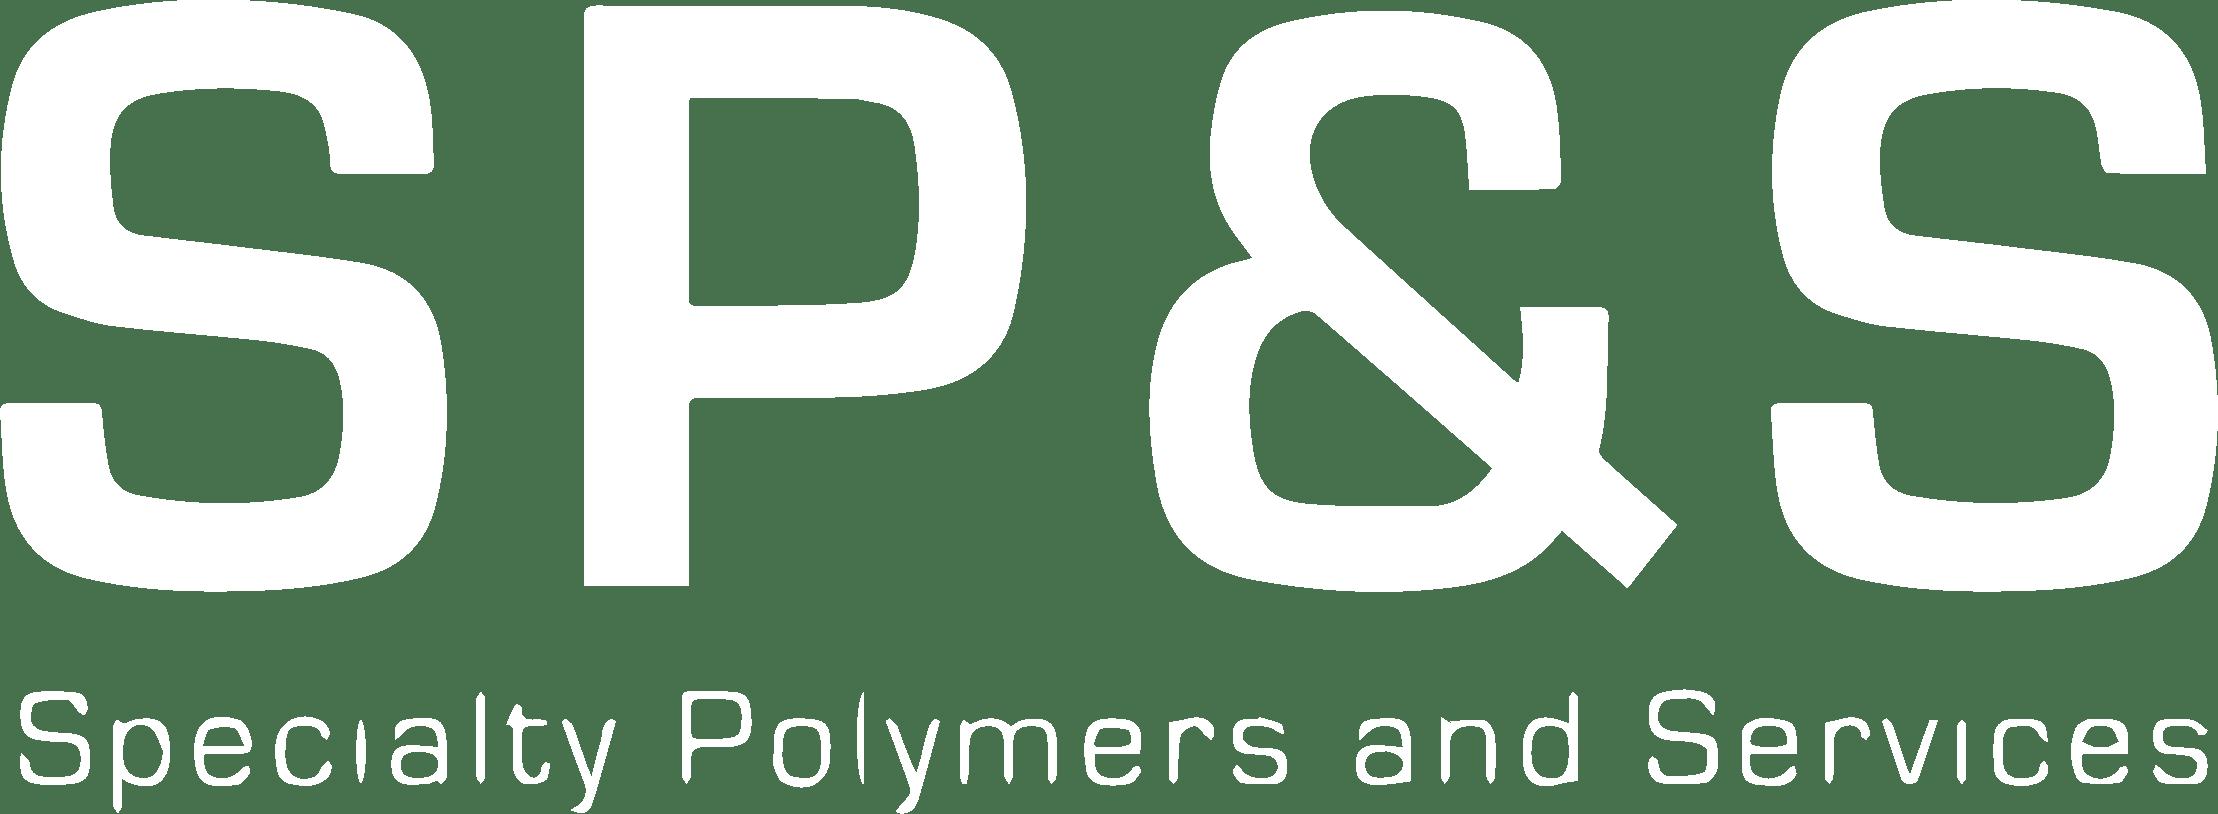 sp&s-logo-2hm